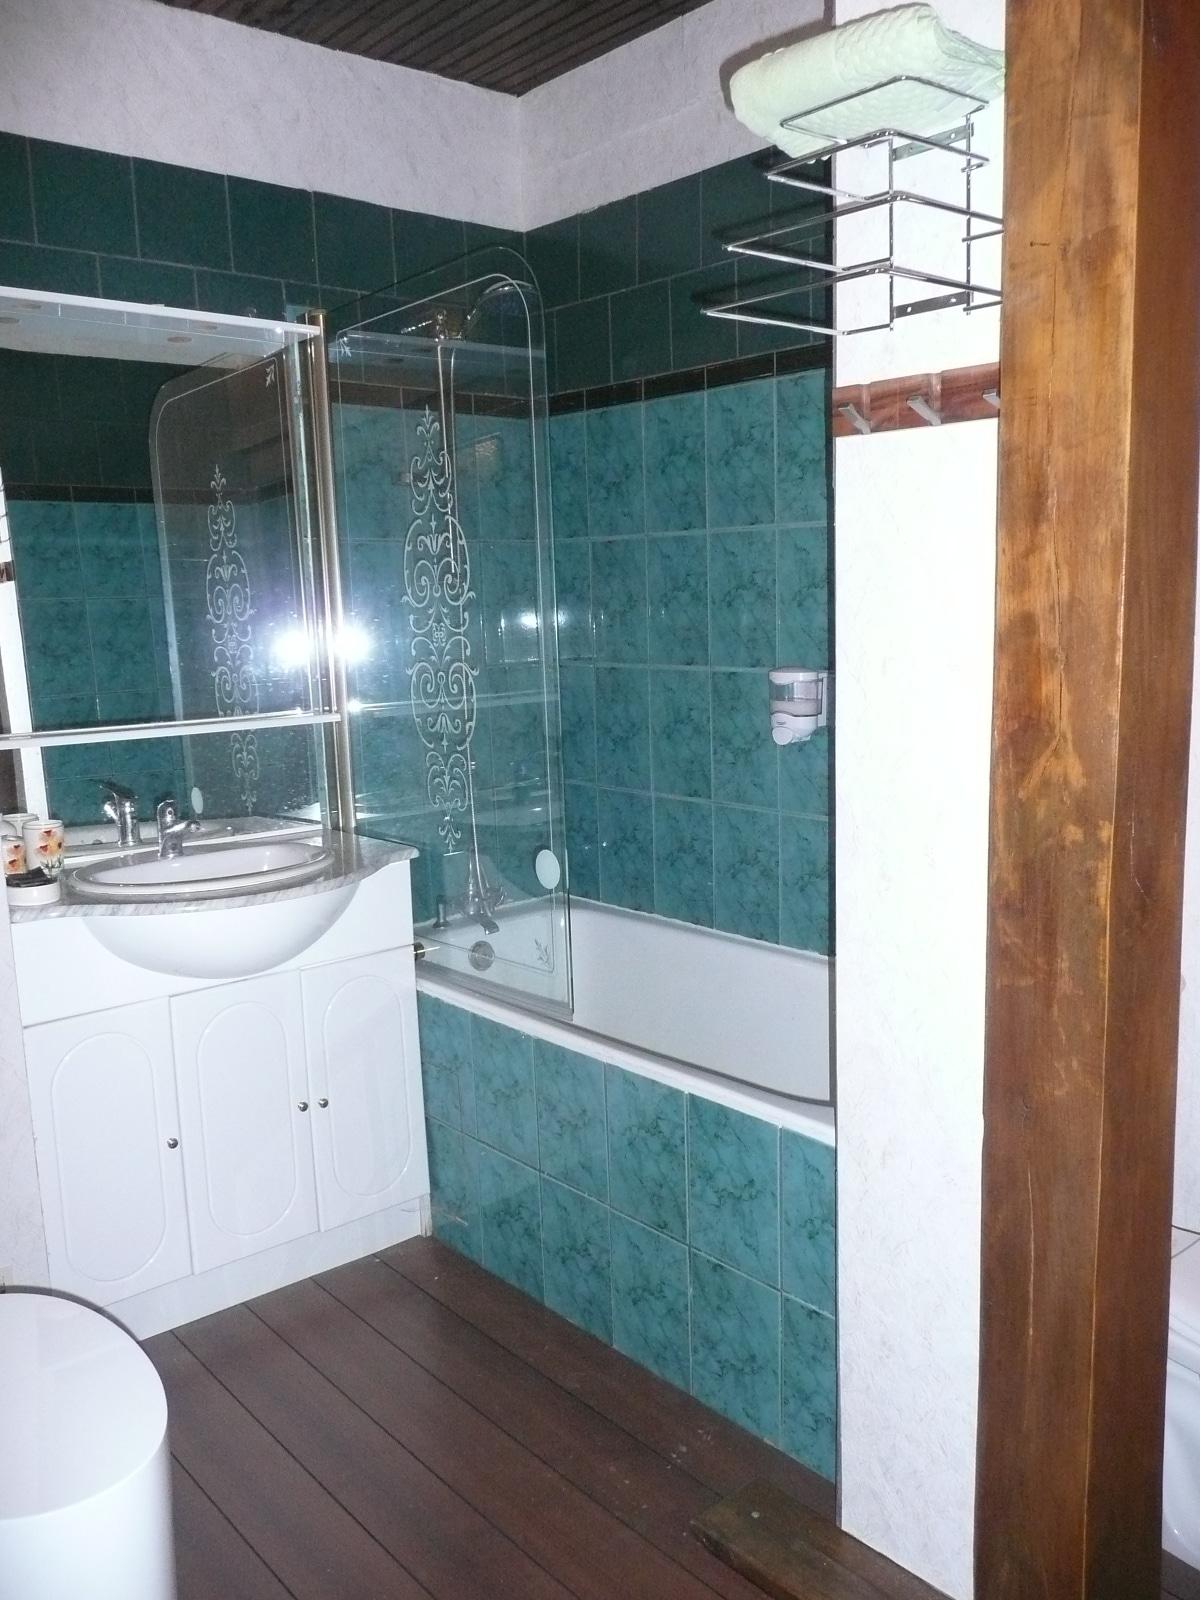 Le Clos d'Ardennes, suite Ying et Yang Salle de bains/bathroom